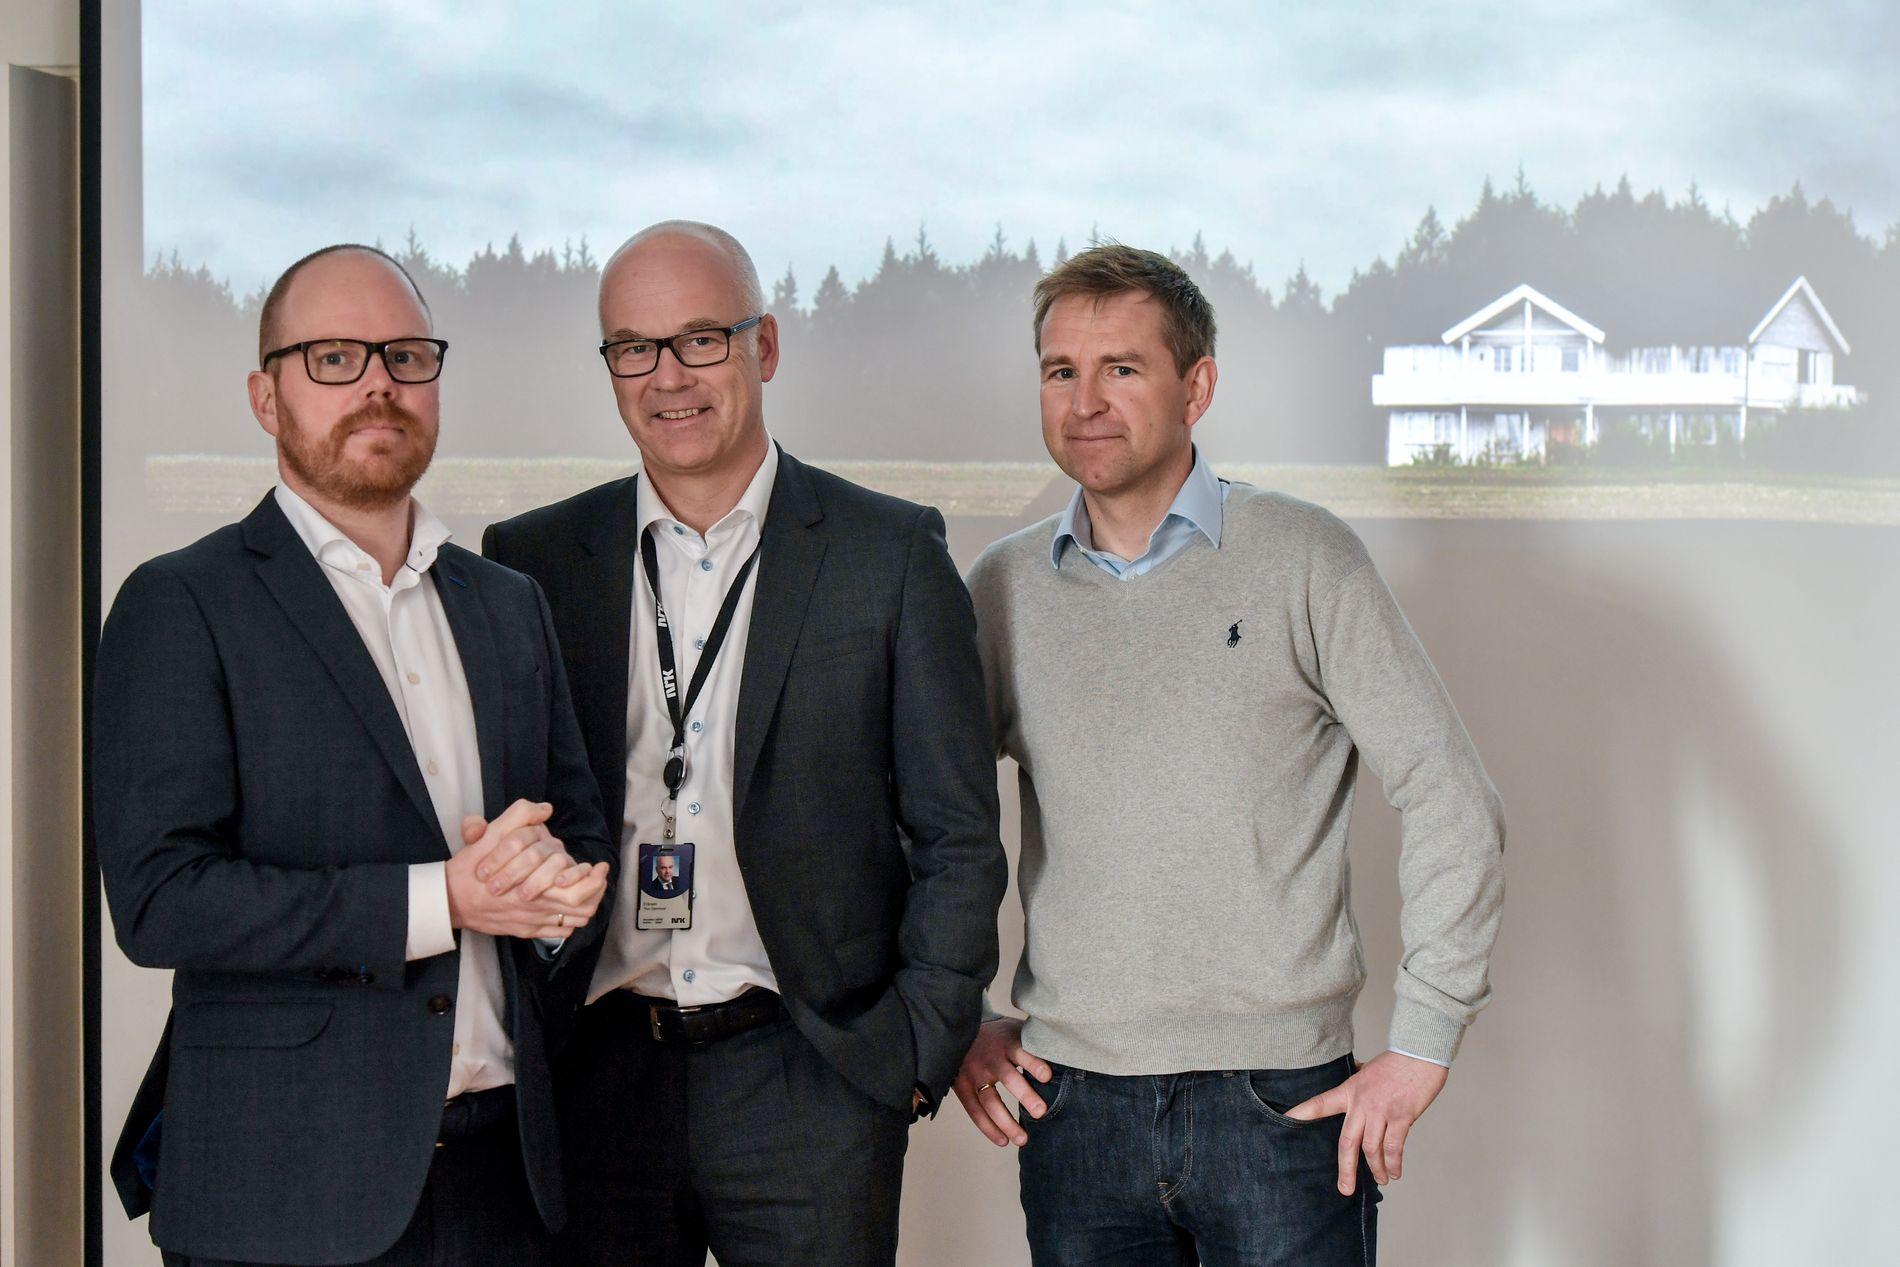 SAMARBEID: VG-sjef Gard Steiro (fra venstre), NRK-sjef Thor Gjermund Eriksen og VGs krimekspert Øystein Milli.